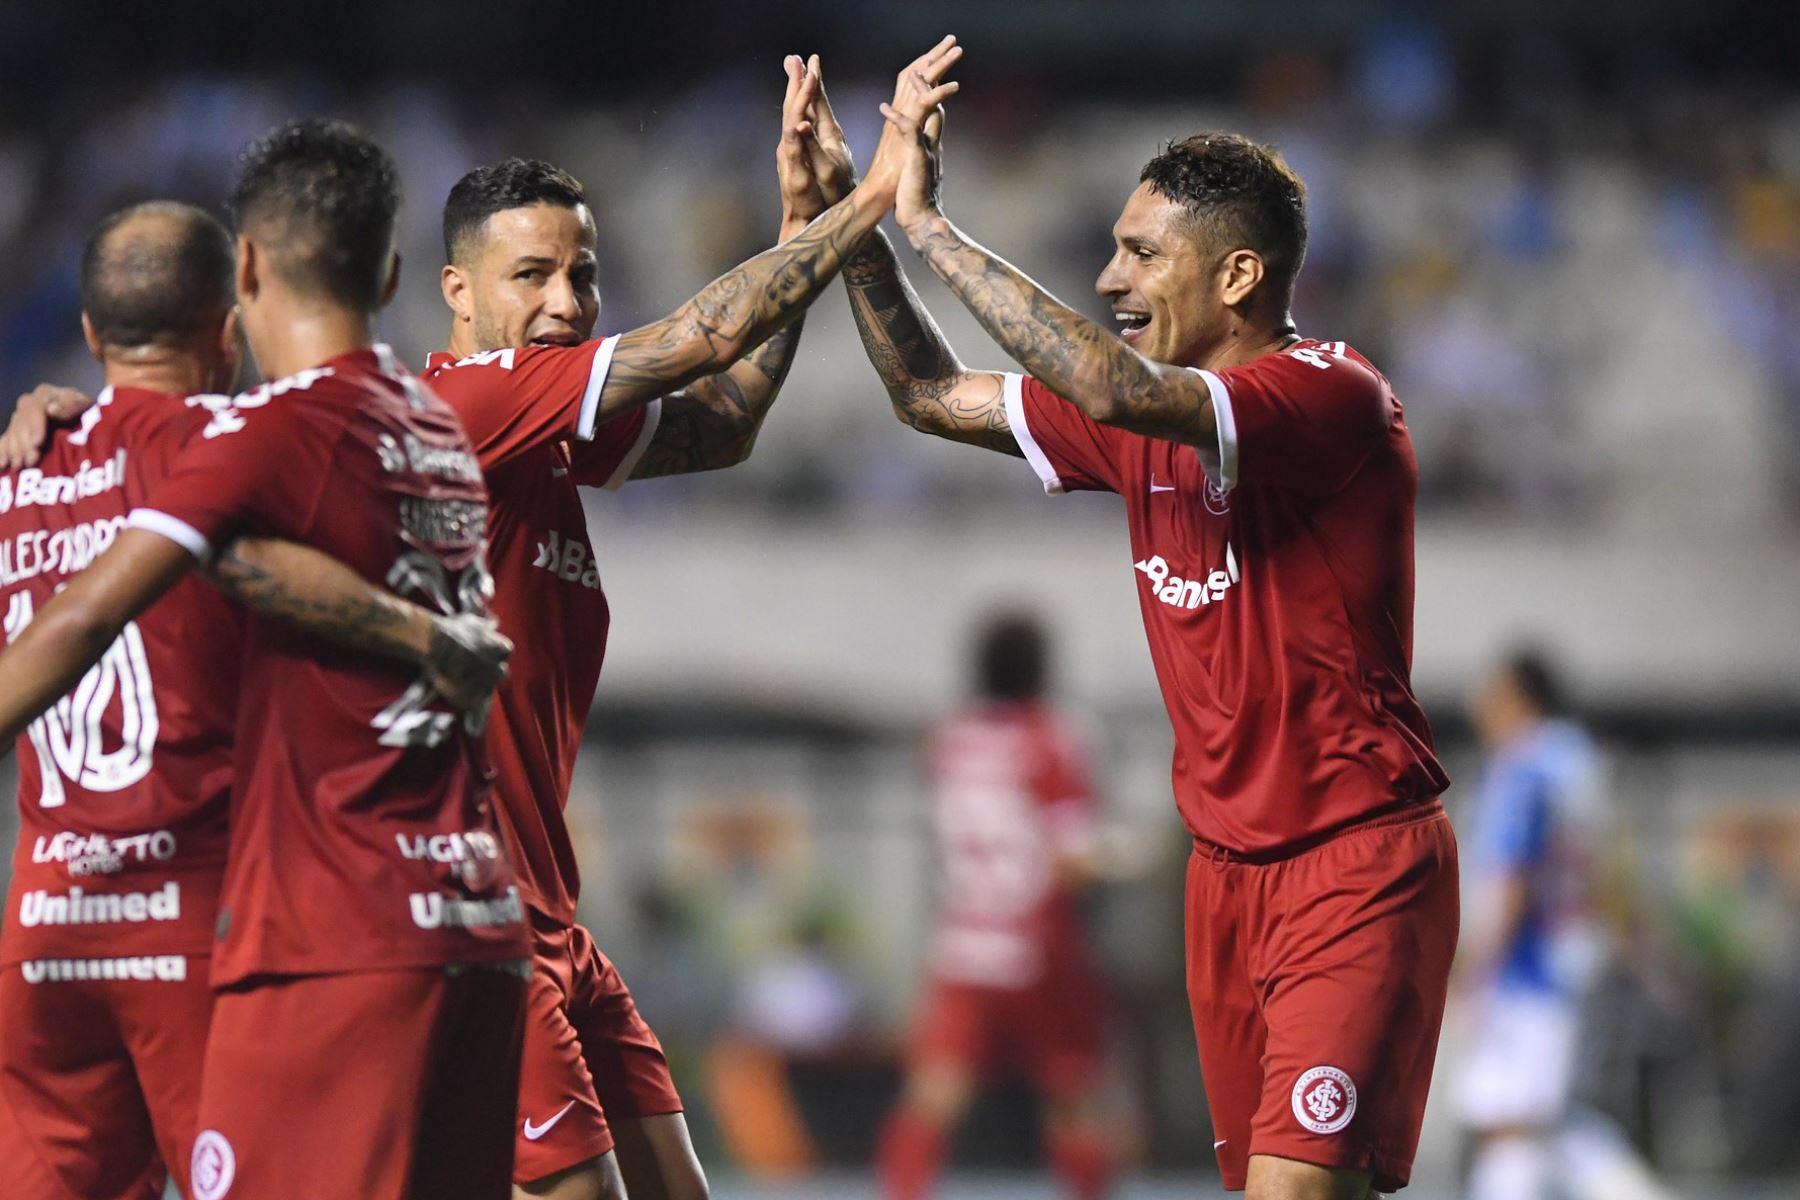 Paolo Guerrero anotó su octavo gol con el Internacional por la vuelta de octavos de final de la Copa Brasil. Foto: Ricardo Duarte/ Internacional